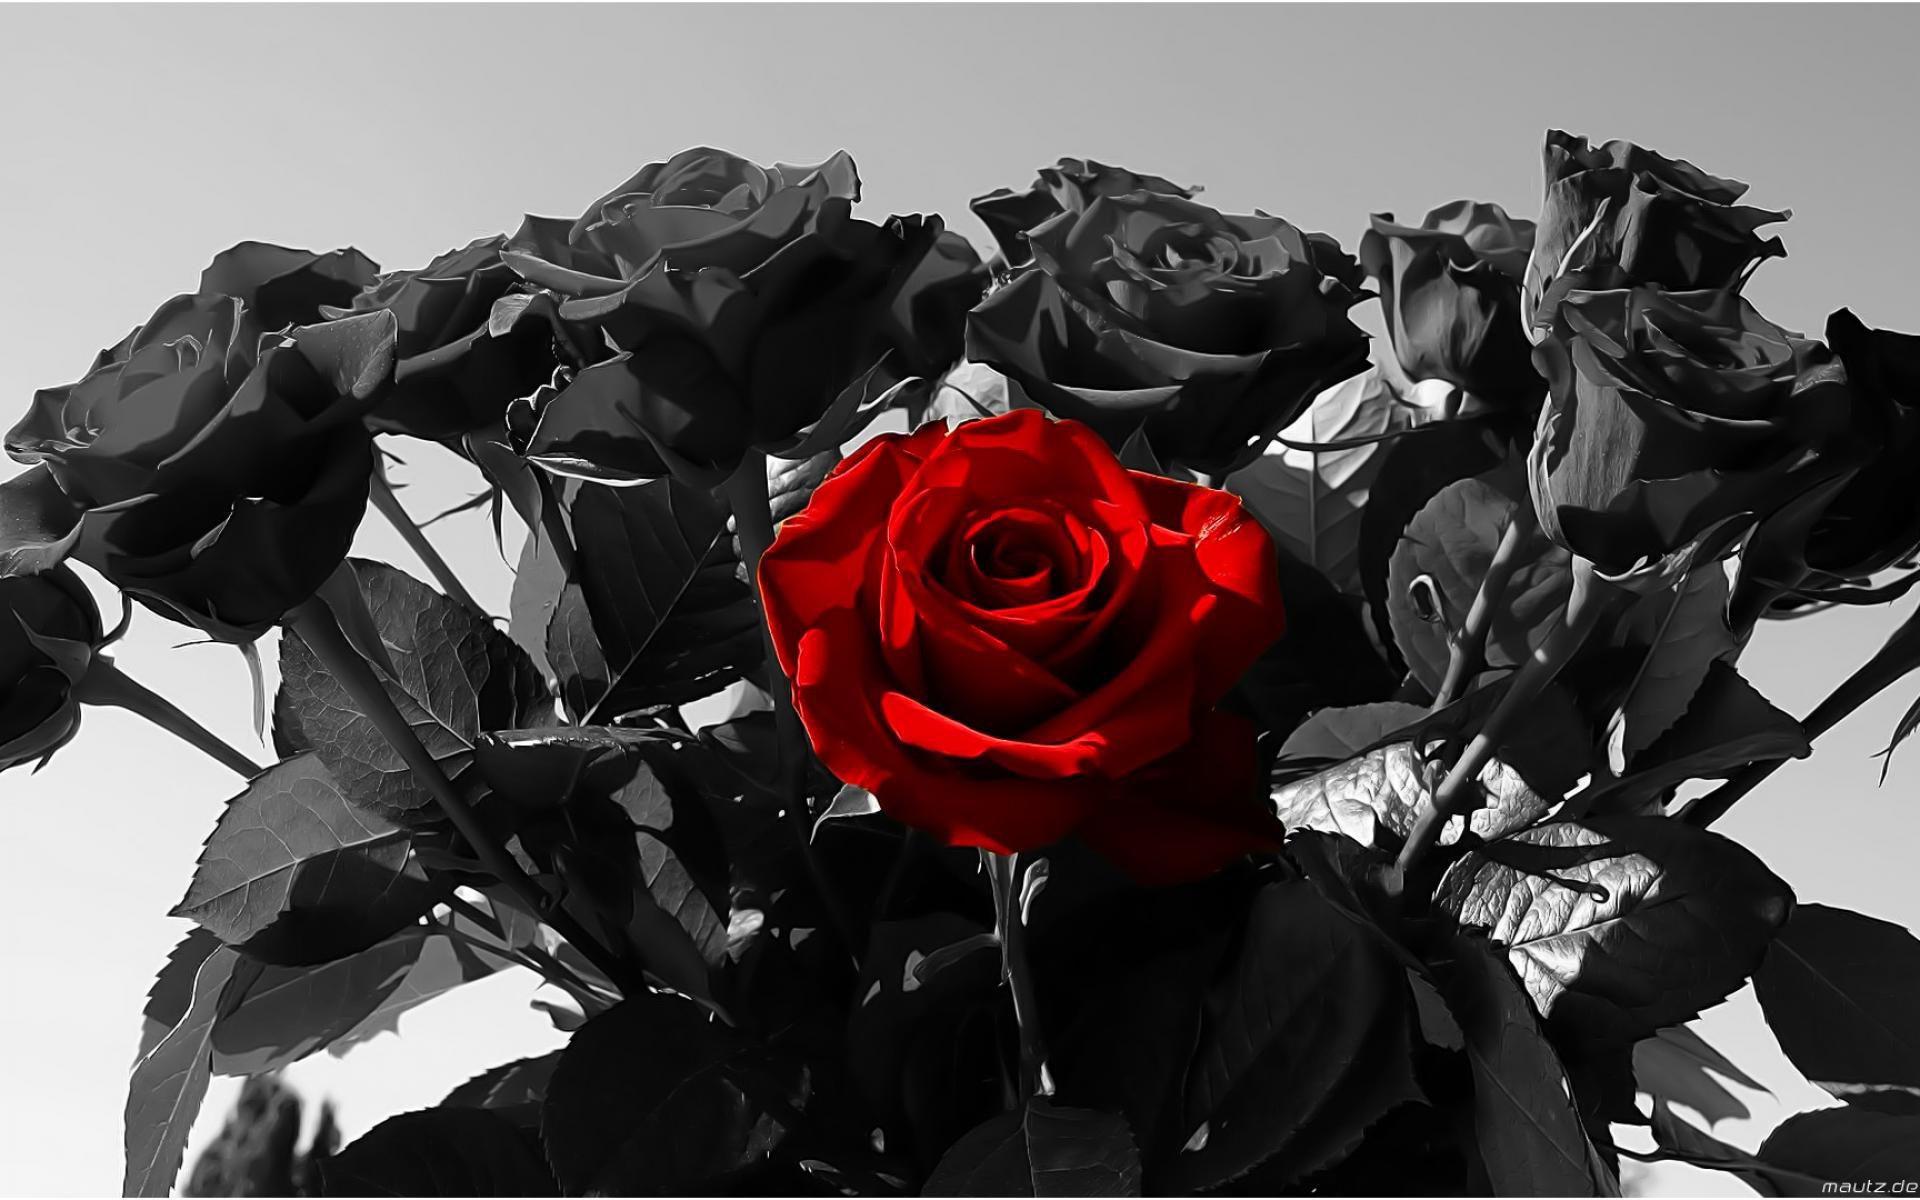 Black Rose Beautiful Black Rose Computer Wallpaper - Red Rose With Black Roses , HD Wallpaper & Backgrounds